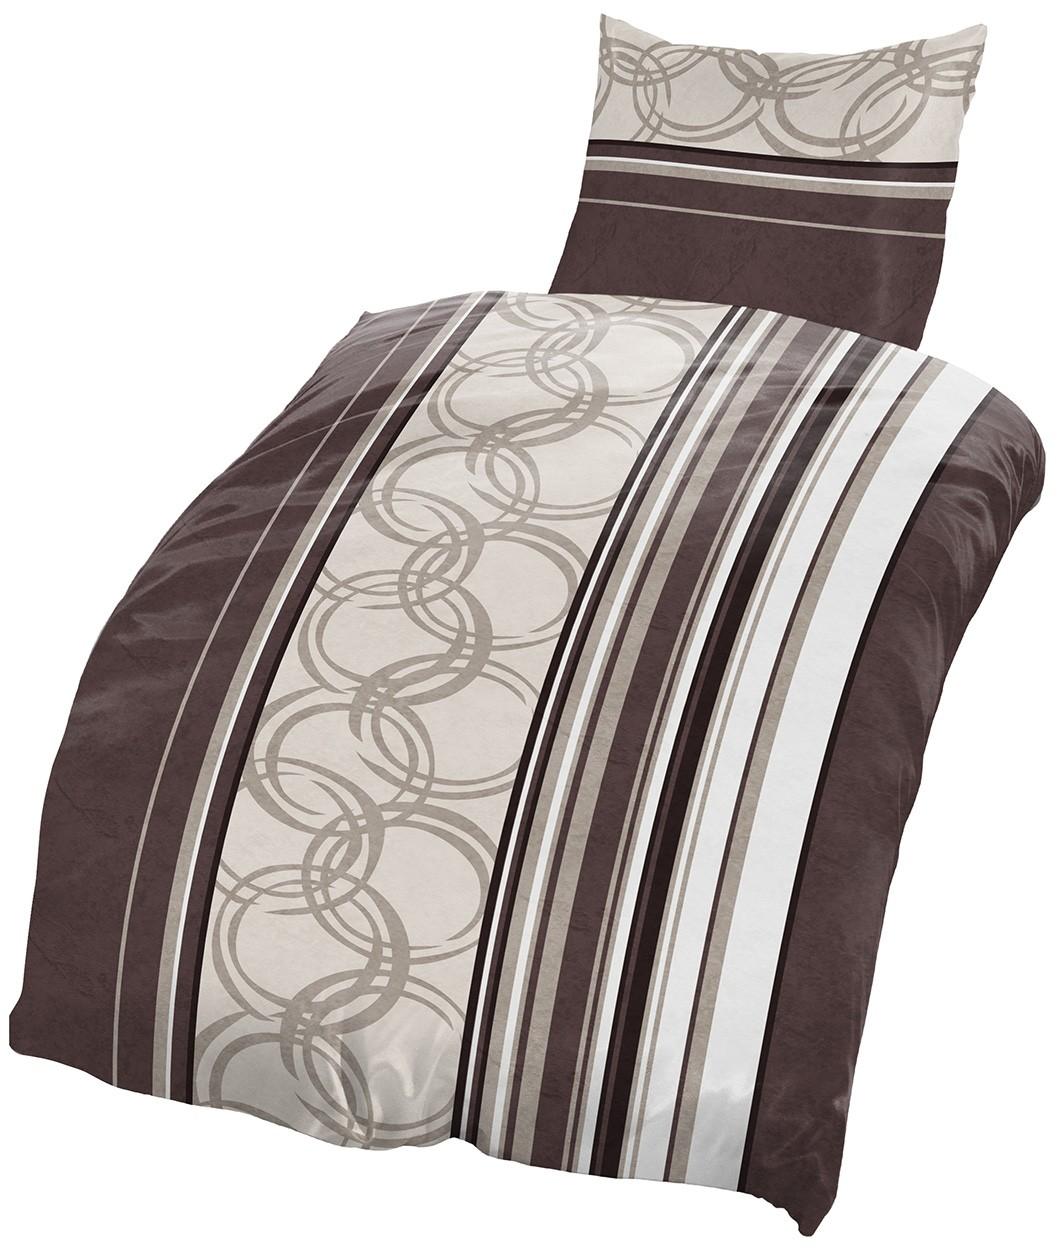 4 tlg biber bettw sche 135x200 cm streifen kreise braun beige baumwolle set neu ebay. Black Bedroom Furniture Sets. Home Design Ideas